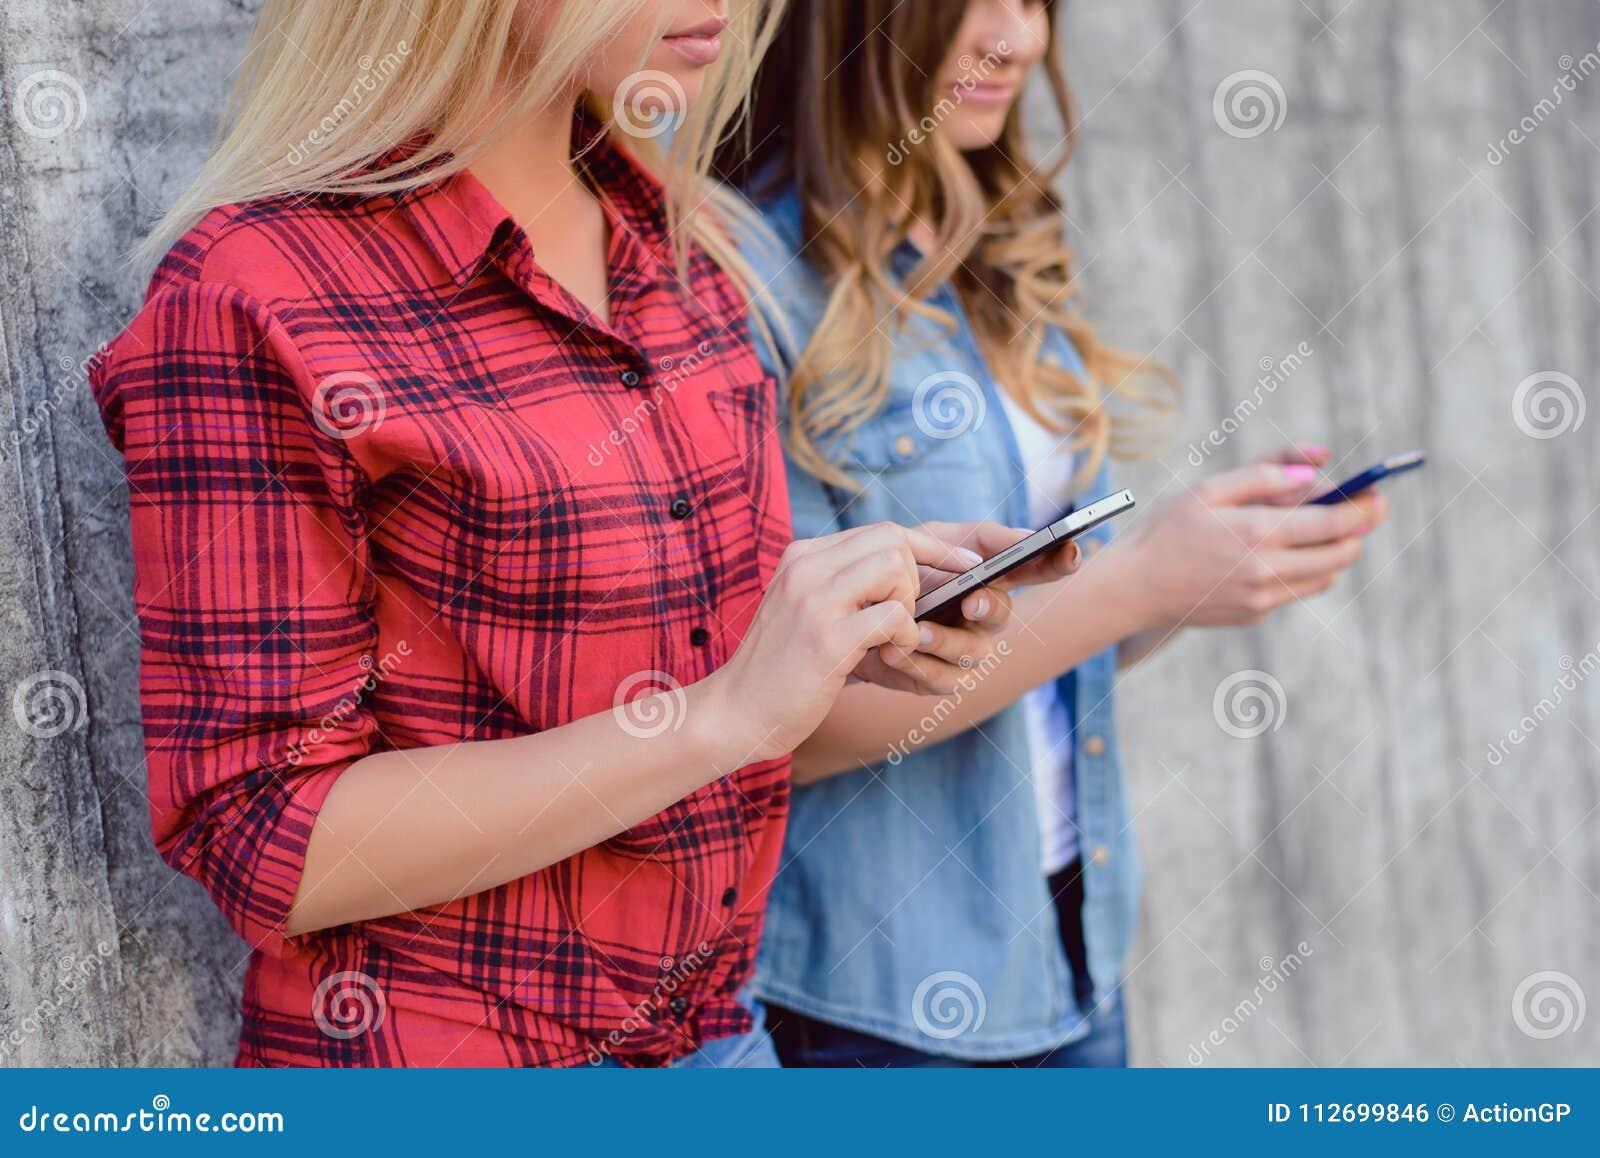 Красные checkered остатки отдыха образа жизни наркомании рубашки ослабляют социальными концепцию красоты времени группы средств м